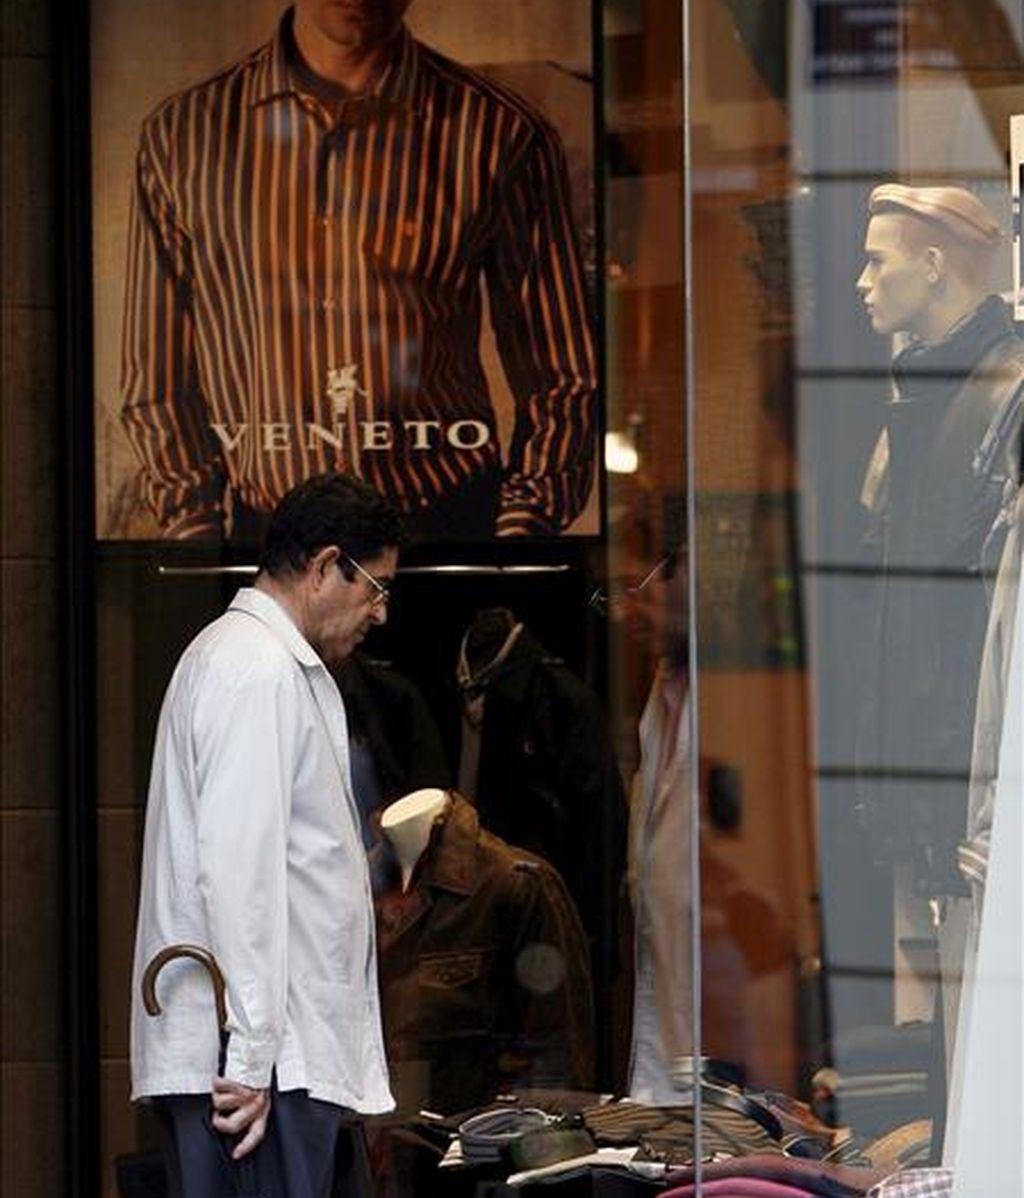 El gasto en prendas de vestir se cifró en 18.315 millones de euros en España durante 2008. EFE/Archivo